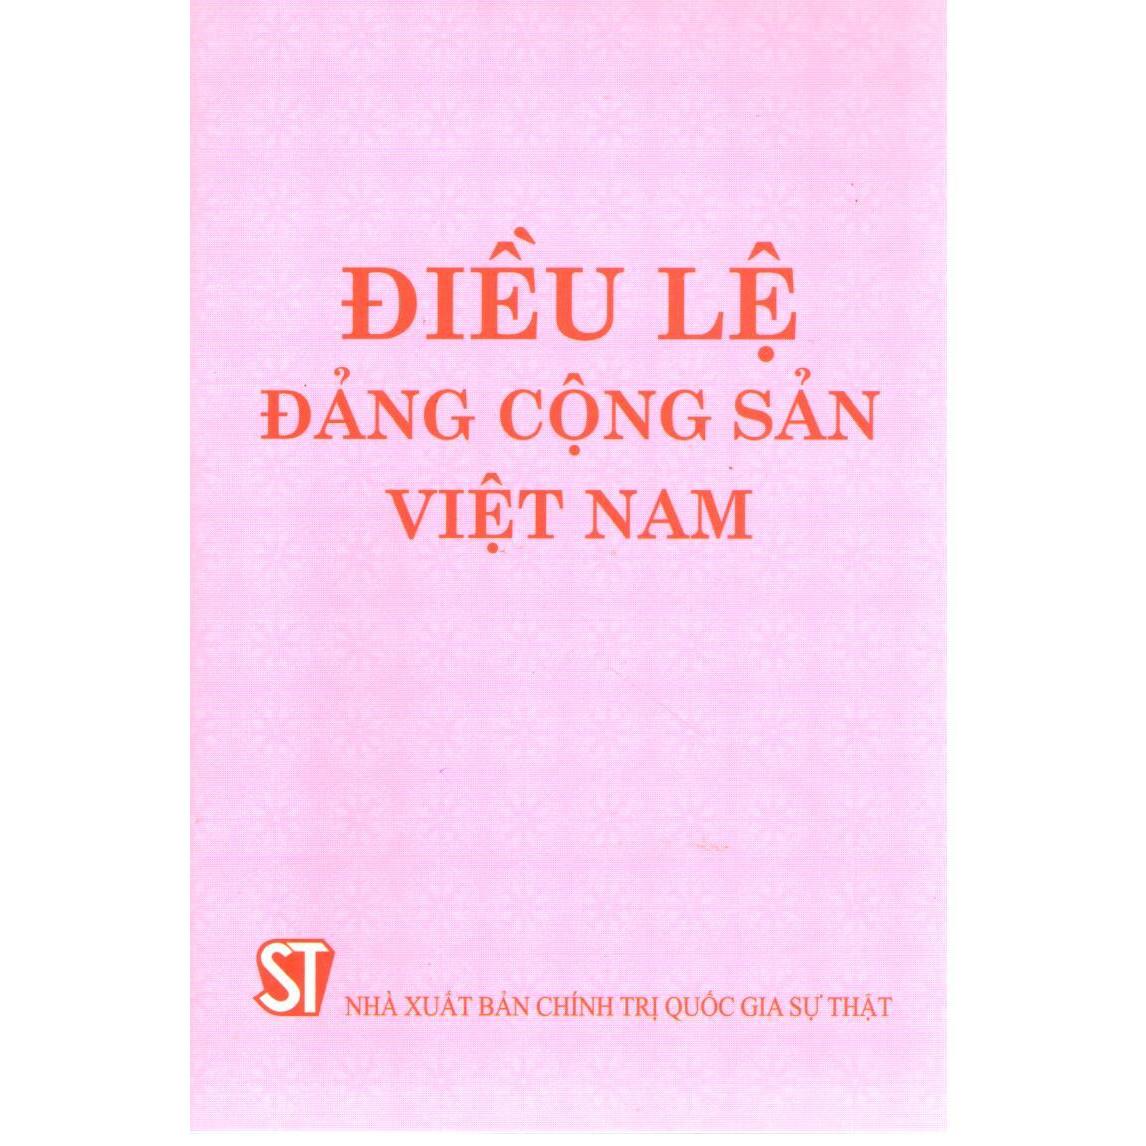 Sách Điều Lệ Đảng Cộng Sản Việt Nam Mới Nhất Năm 2021 (NXB Chính Trị Quốc Gia Sự Thật)